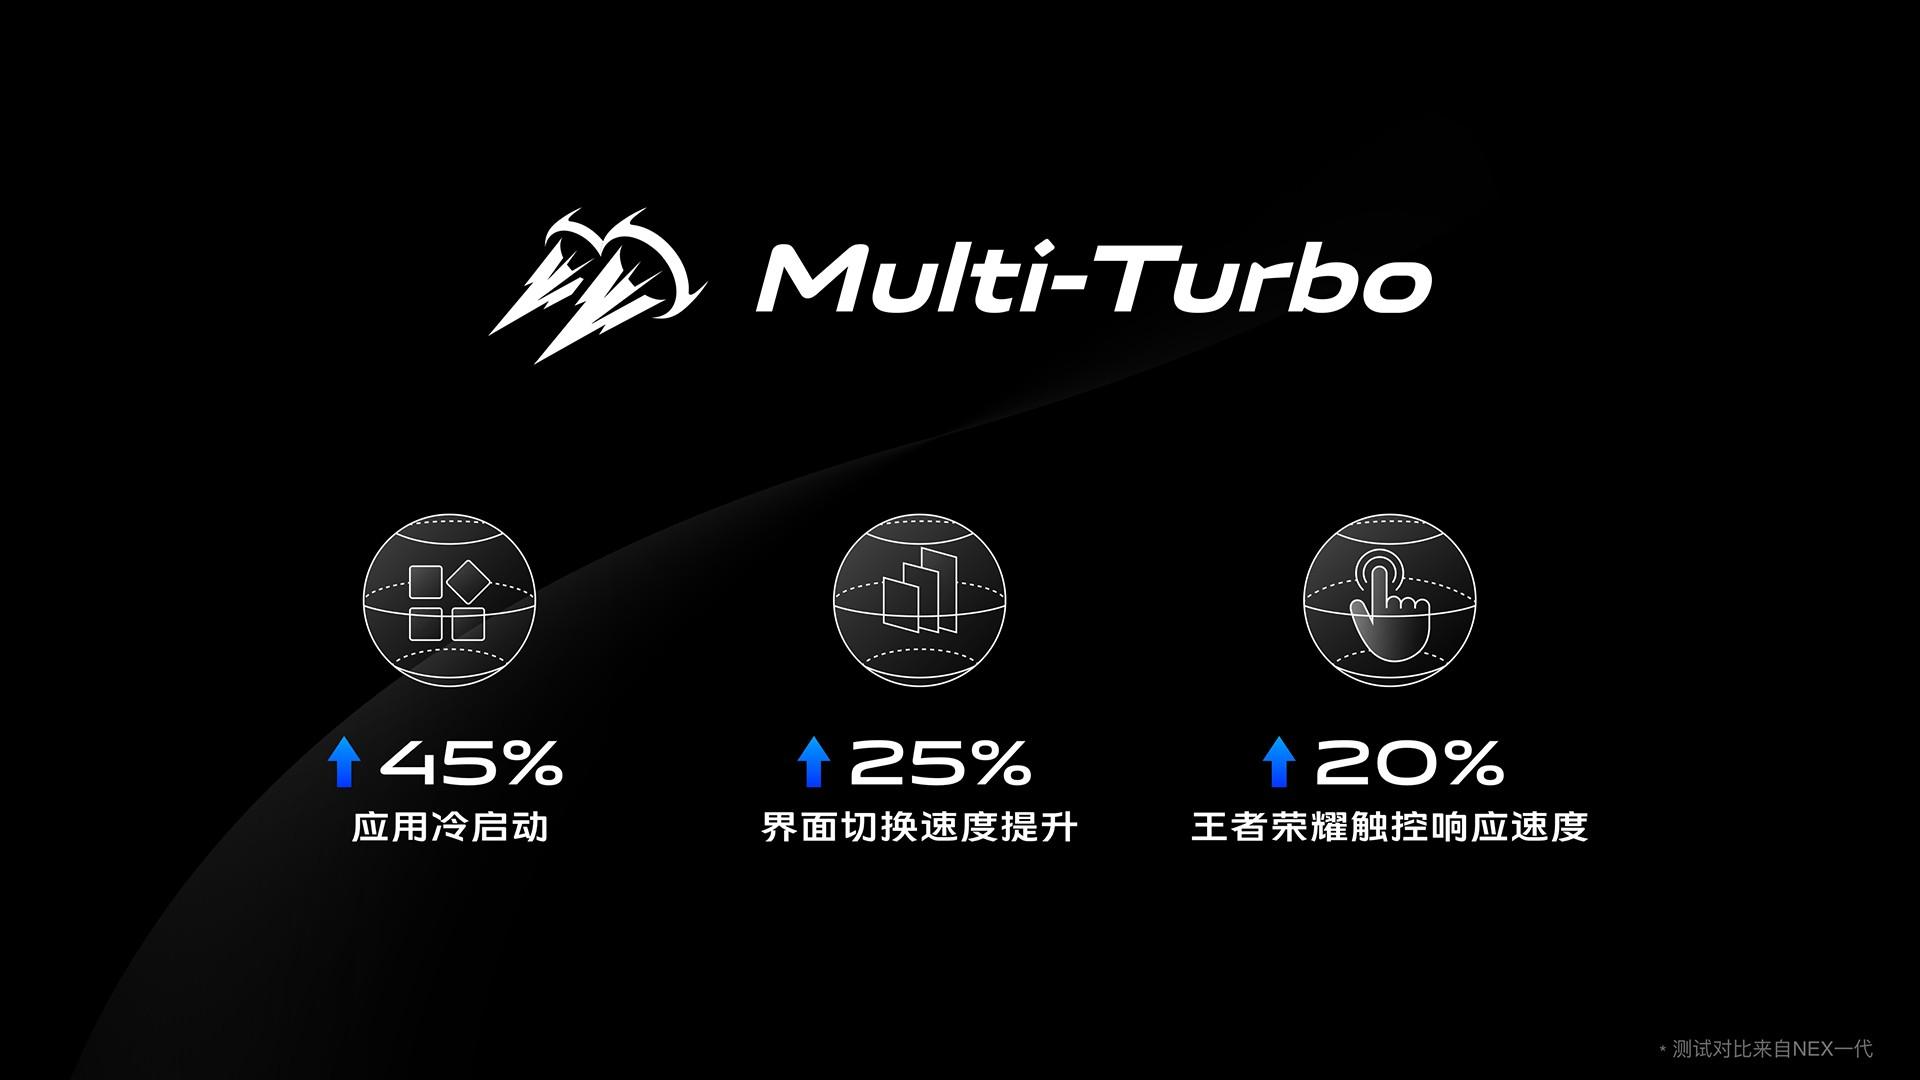 Vivo nex 3 Multi Turbo